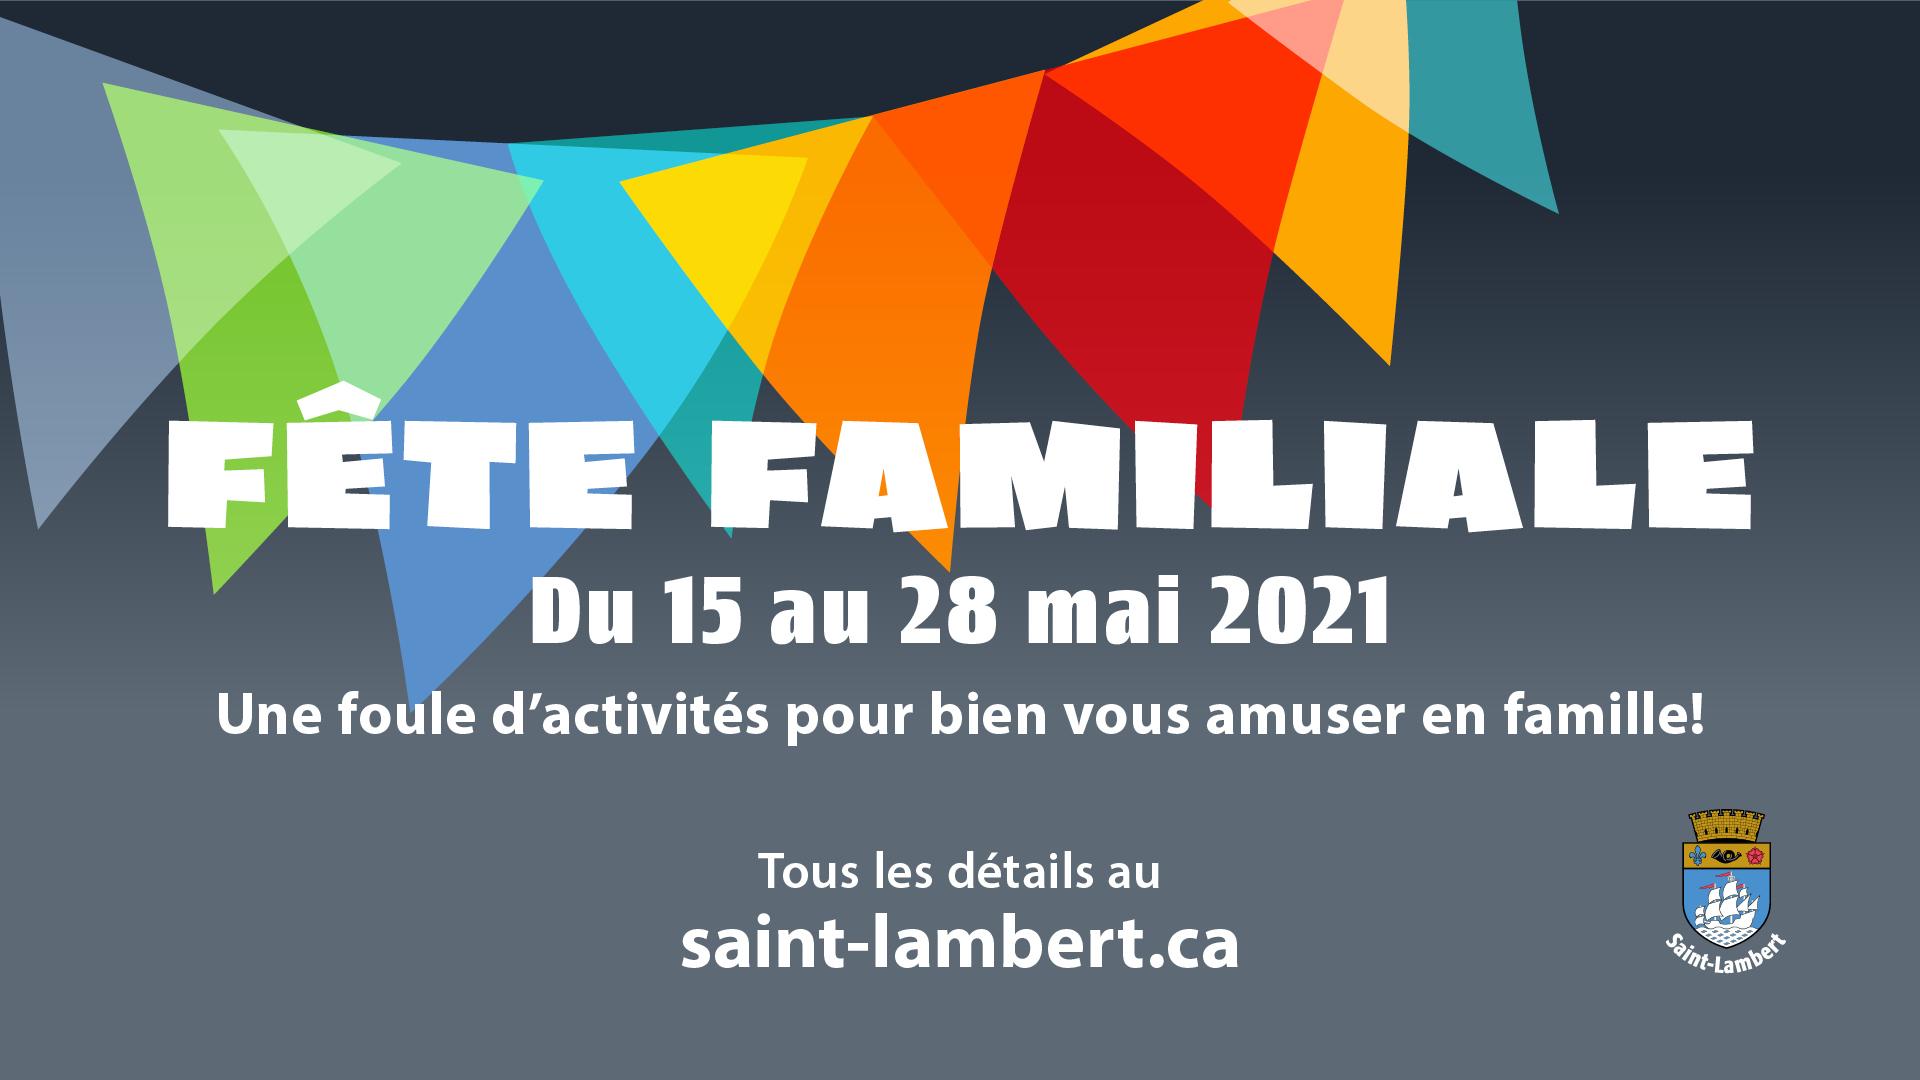 Fête familiale de Saint-Lambert : une foule d'activités durant le mois de mai!